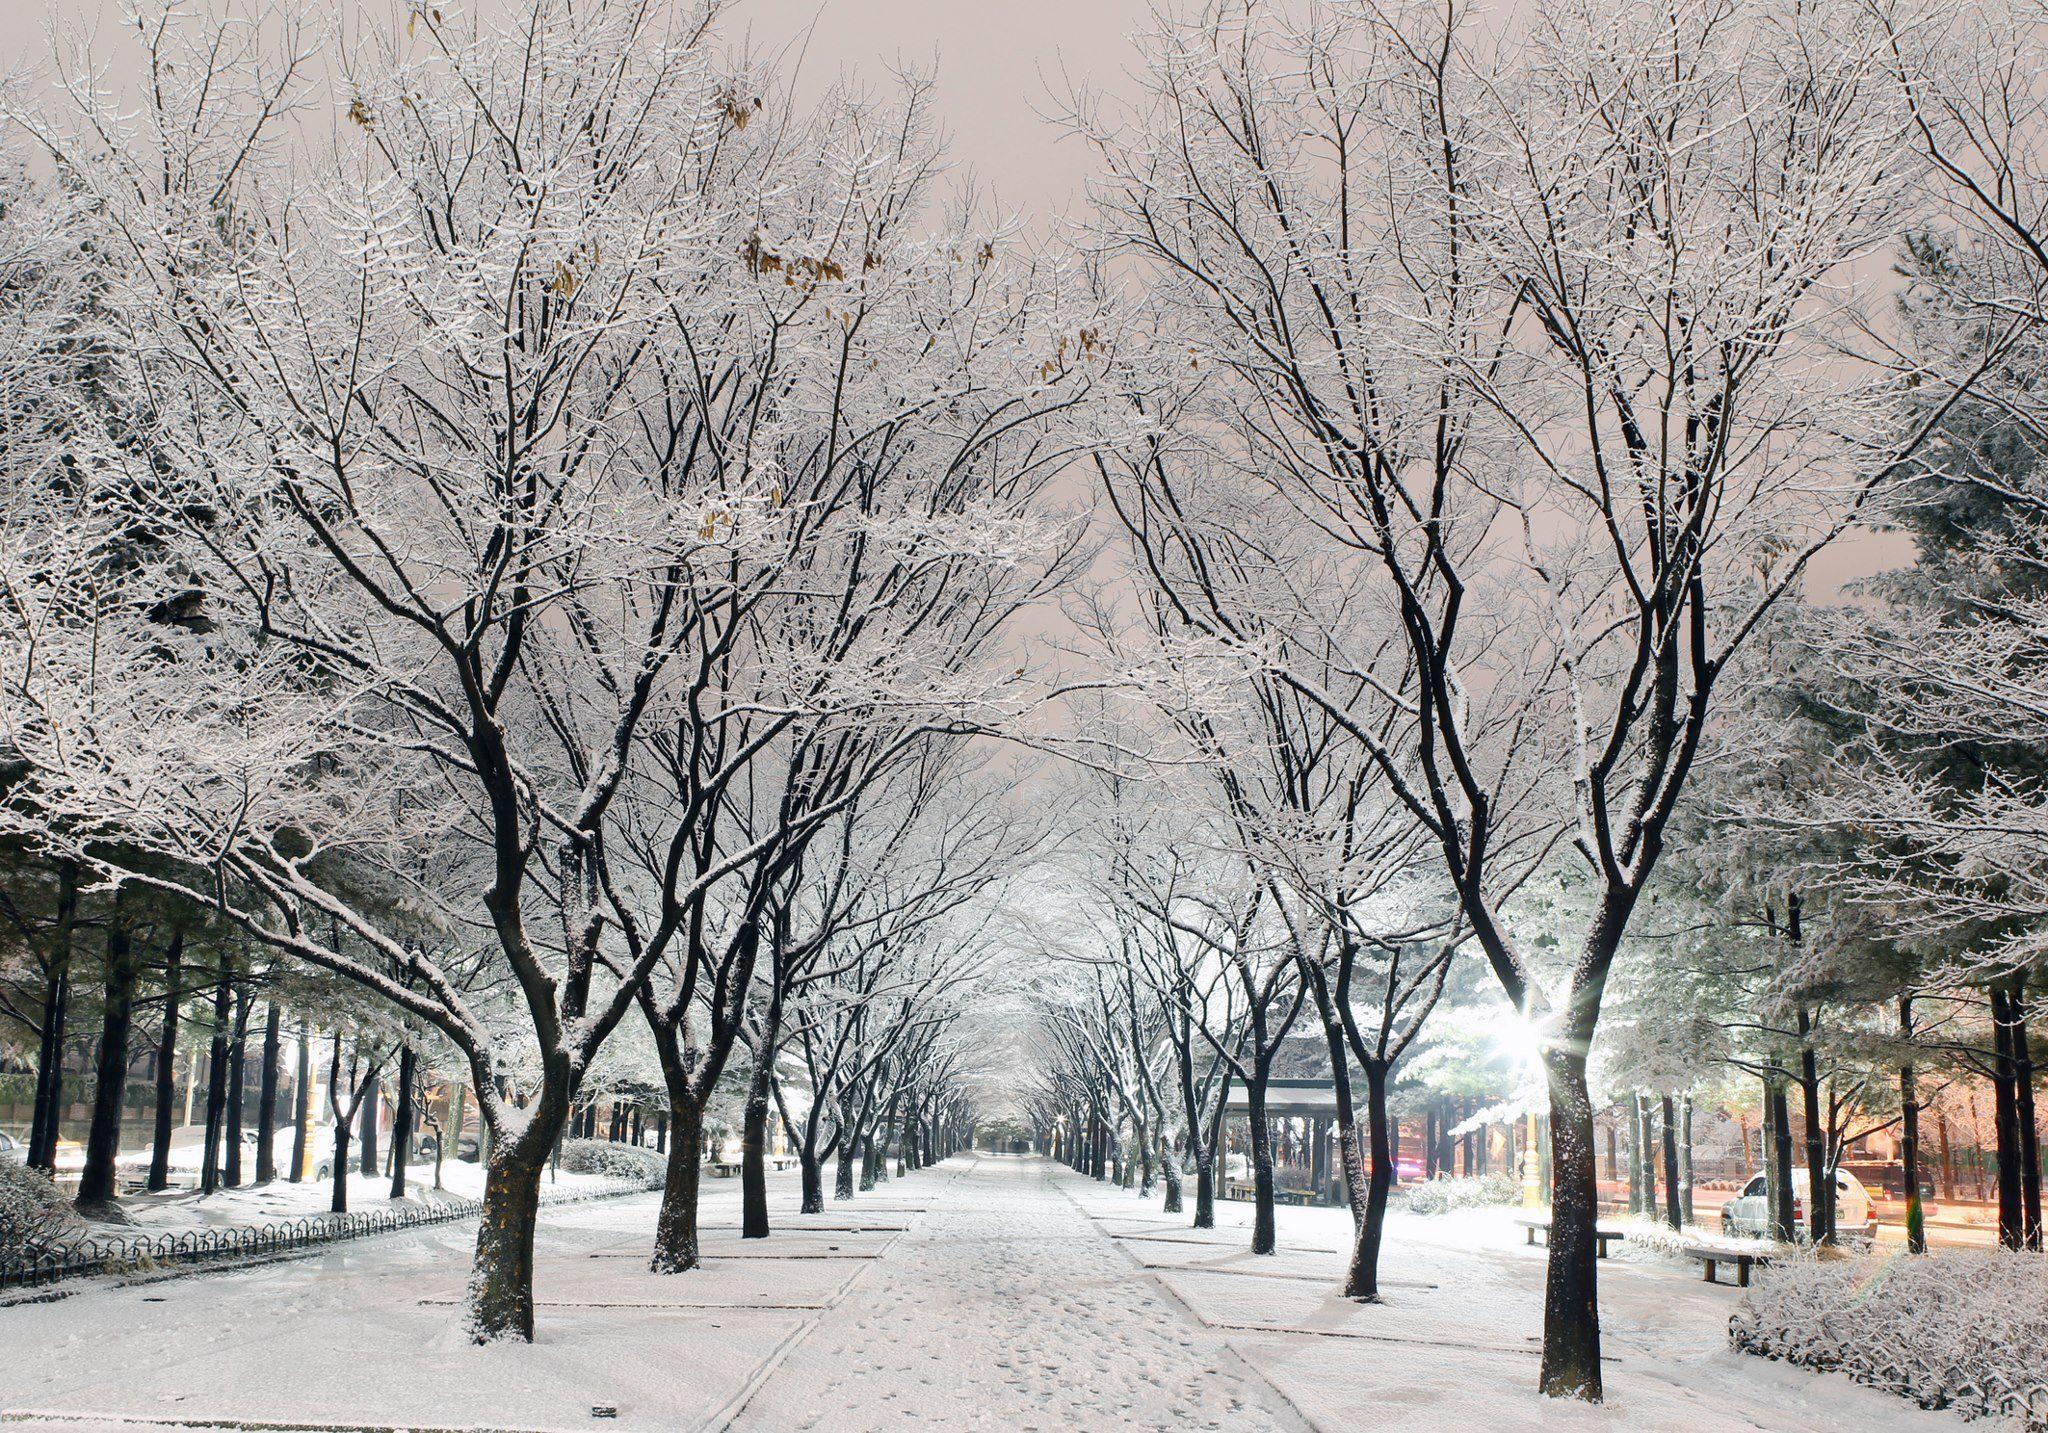 Phong cảnh Hàn Quốc mùa đông đưa du khách lạc vào miền cổ tích